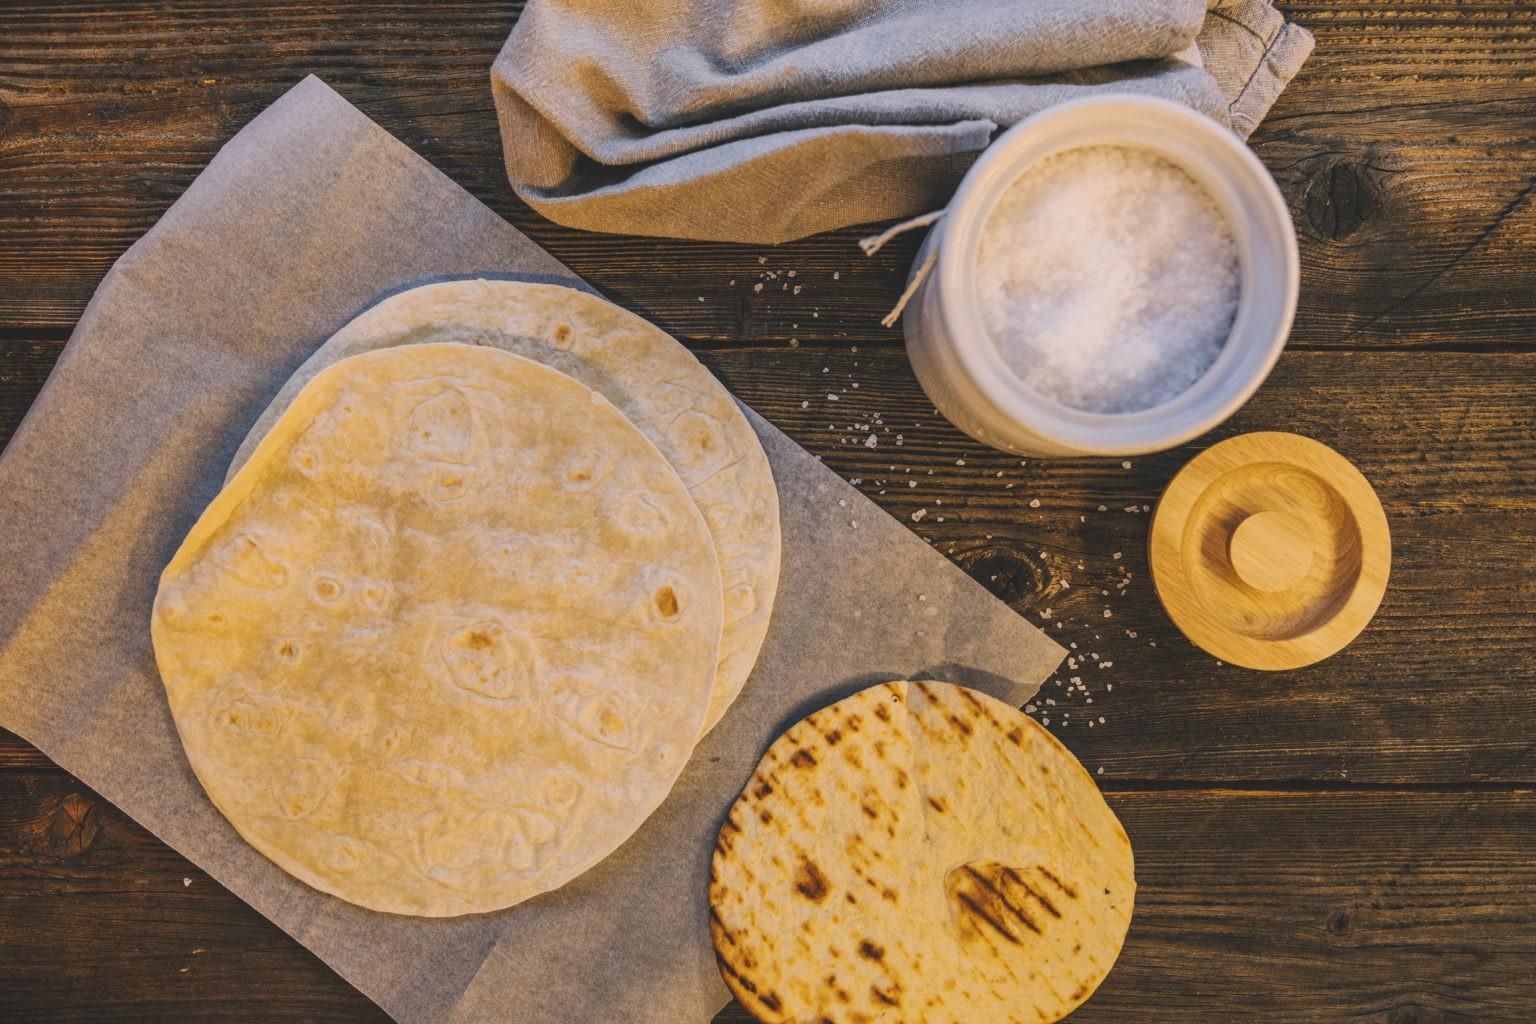 طرز تهیه نان خانگی پیادینای ایتالیایی سریع و خوشمزه دستور پخت نان پیادینای ایتالیایی ساده آموزش پخت نان خانگی آسان نان ایتالیایی نان خانگی سالم ایتالیایی